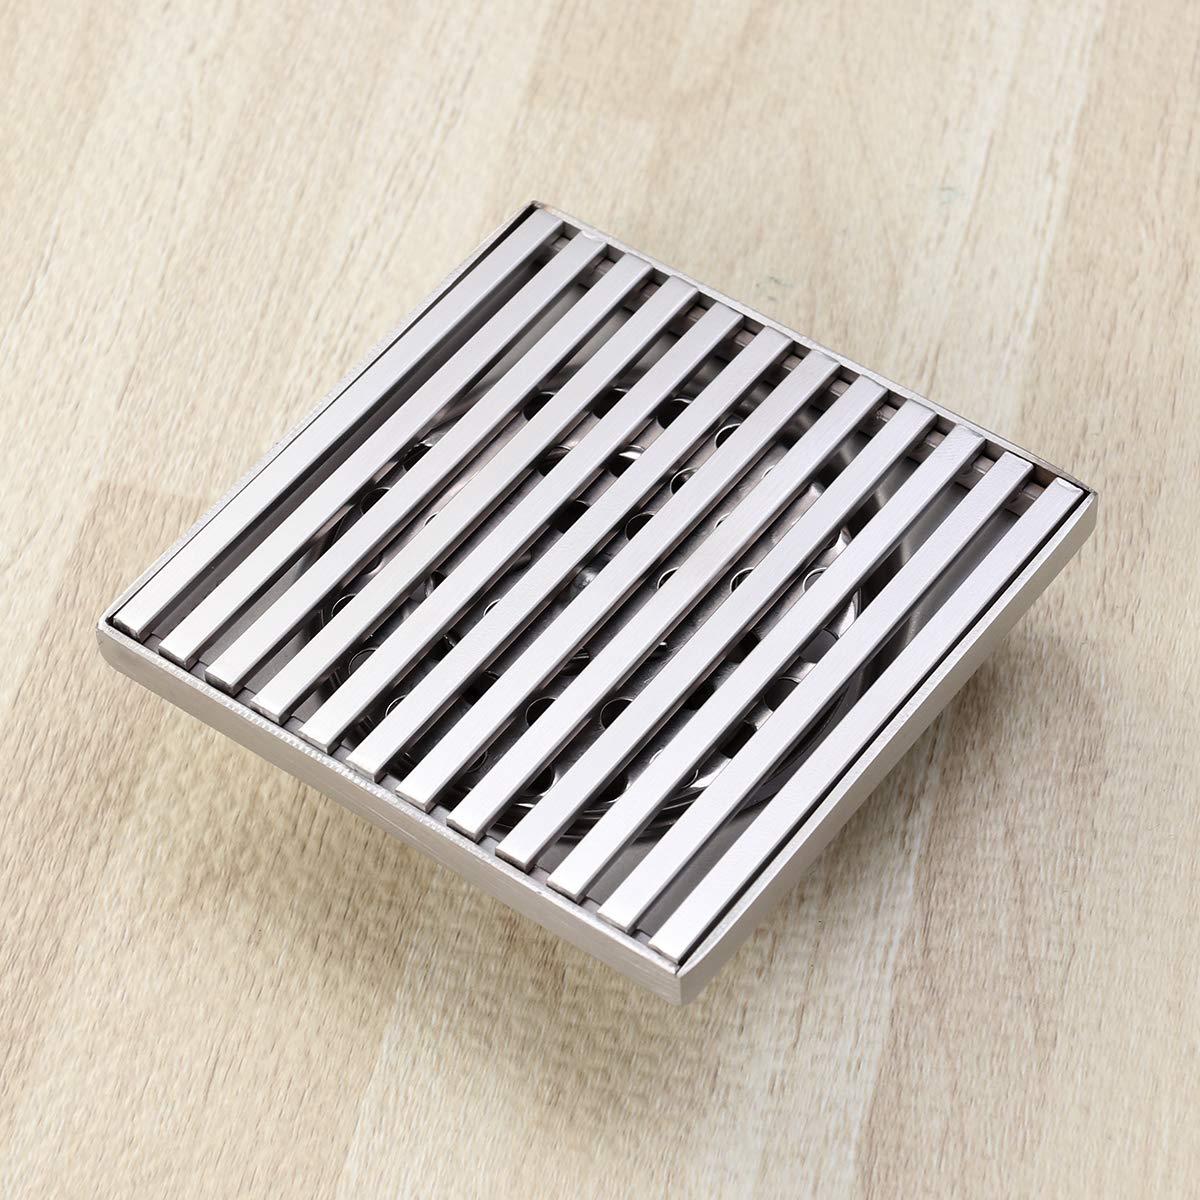 TOPBATHY 10CM Dusche Bodenablauf Badablauf Deodorant Verschiebung Ablauf f/ür Badezimmer Duschbad